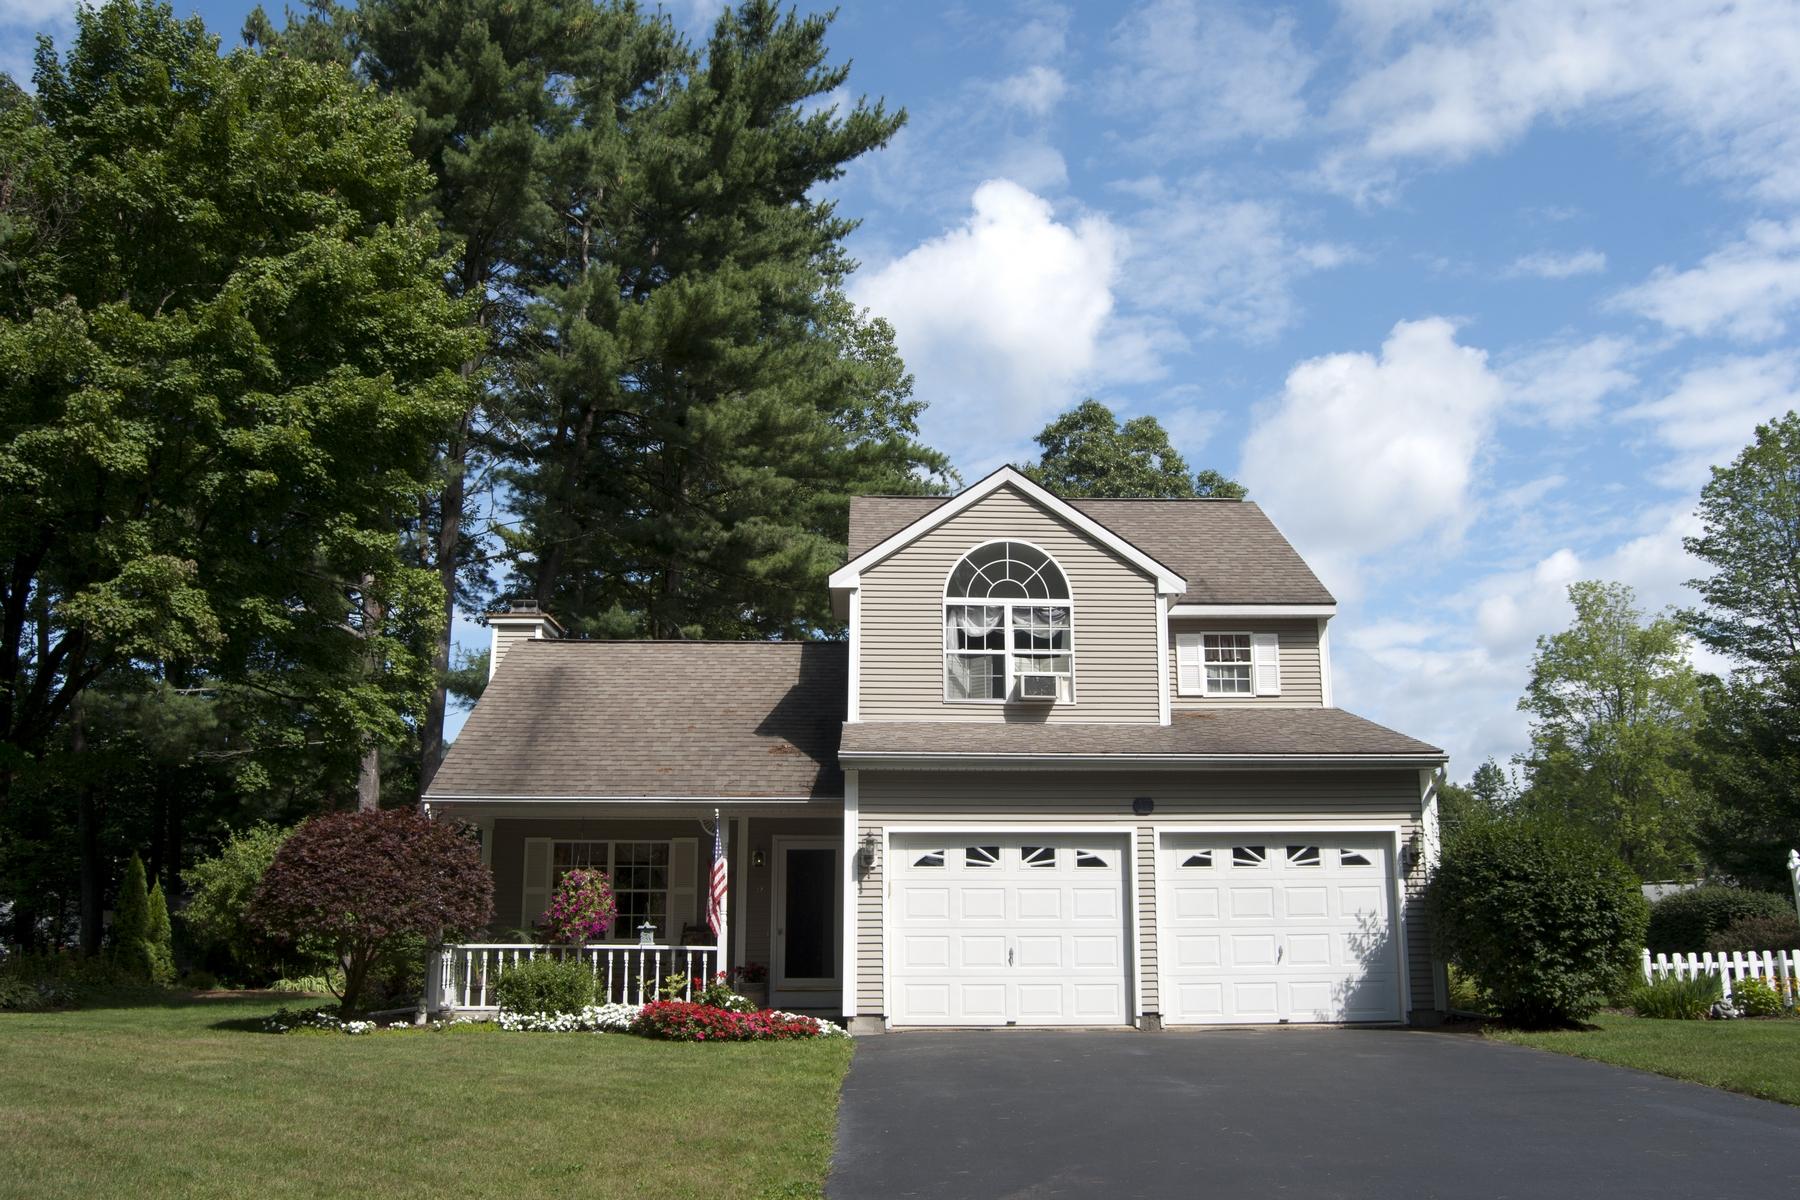 独户住宅 为 销售 在 Queensbury Colonial 17 John Street 昆斯伯里, 纽约州, 12804 美国